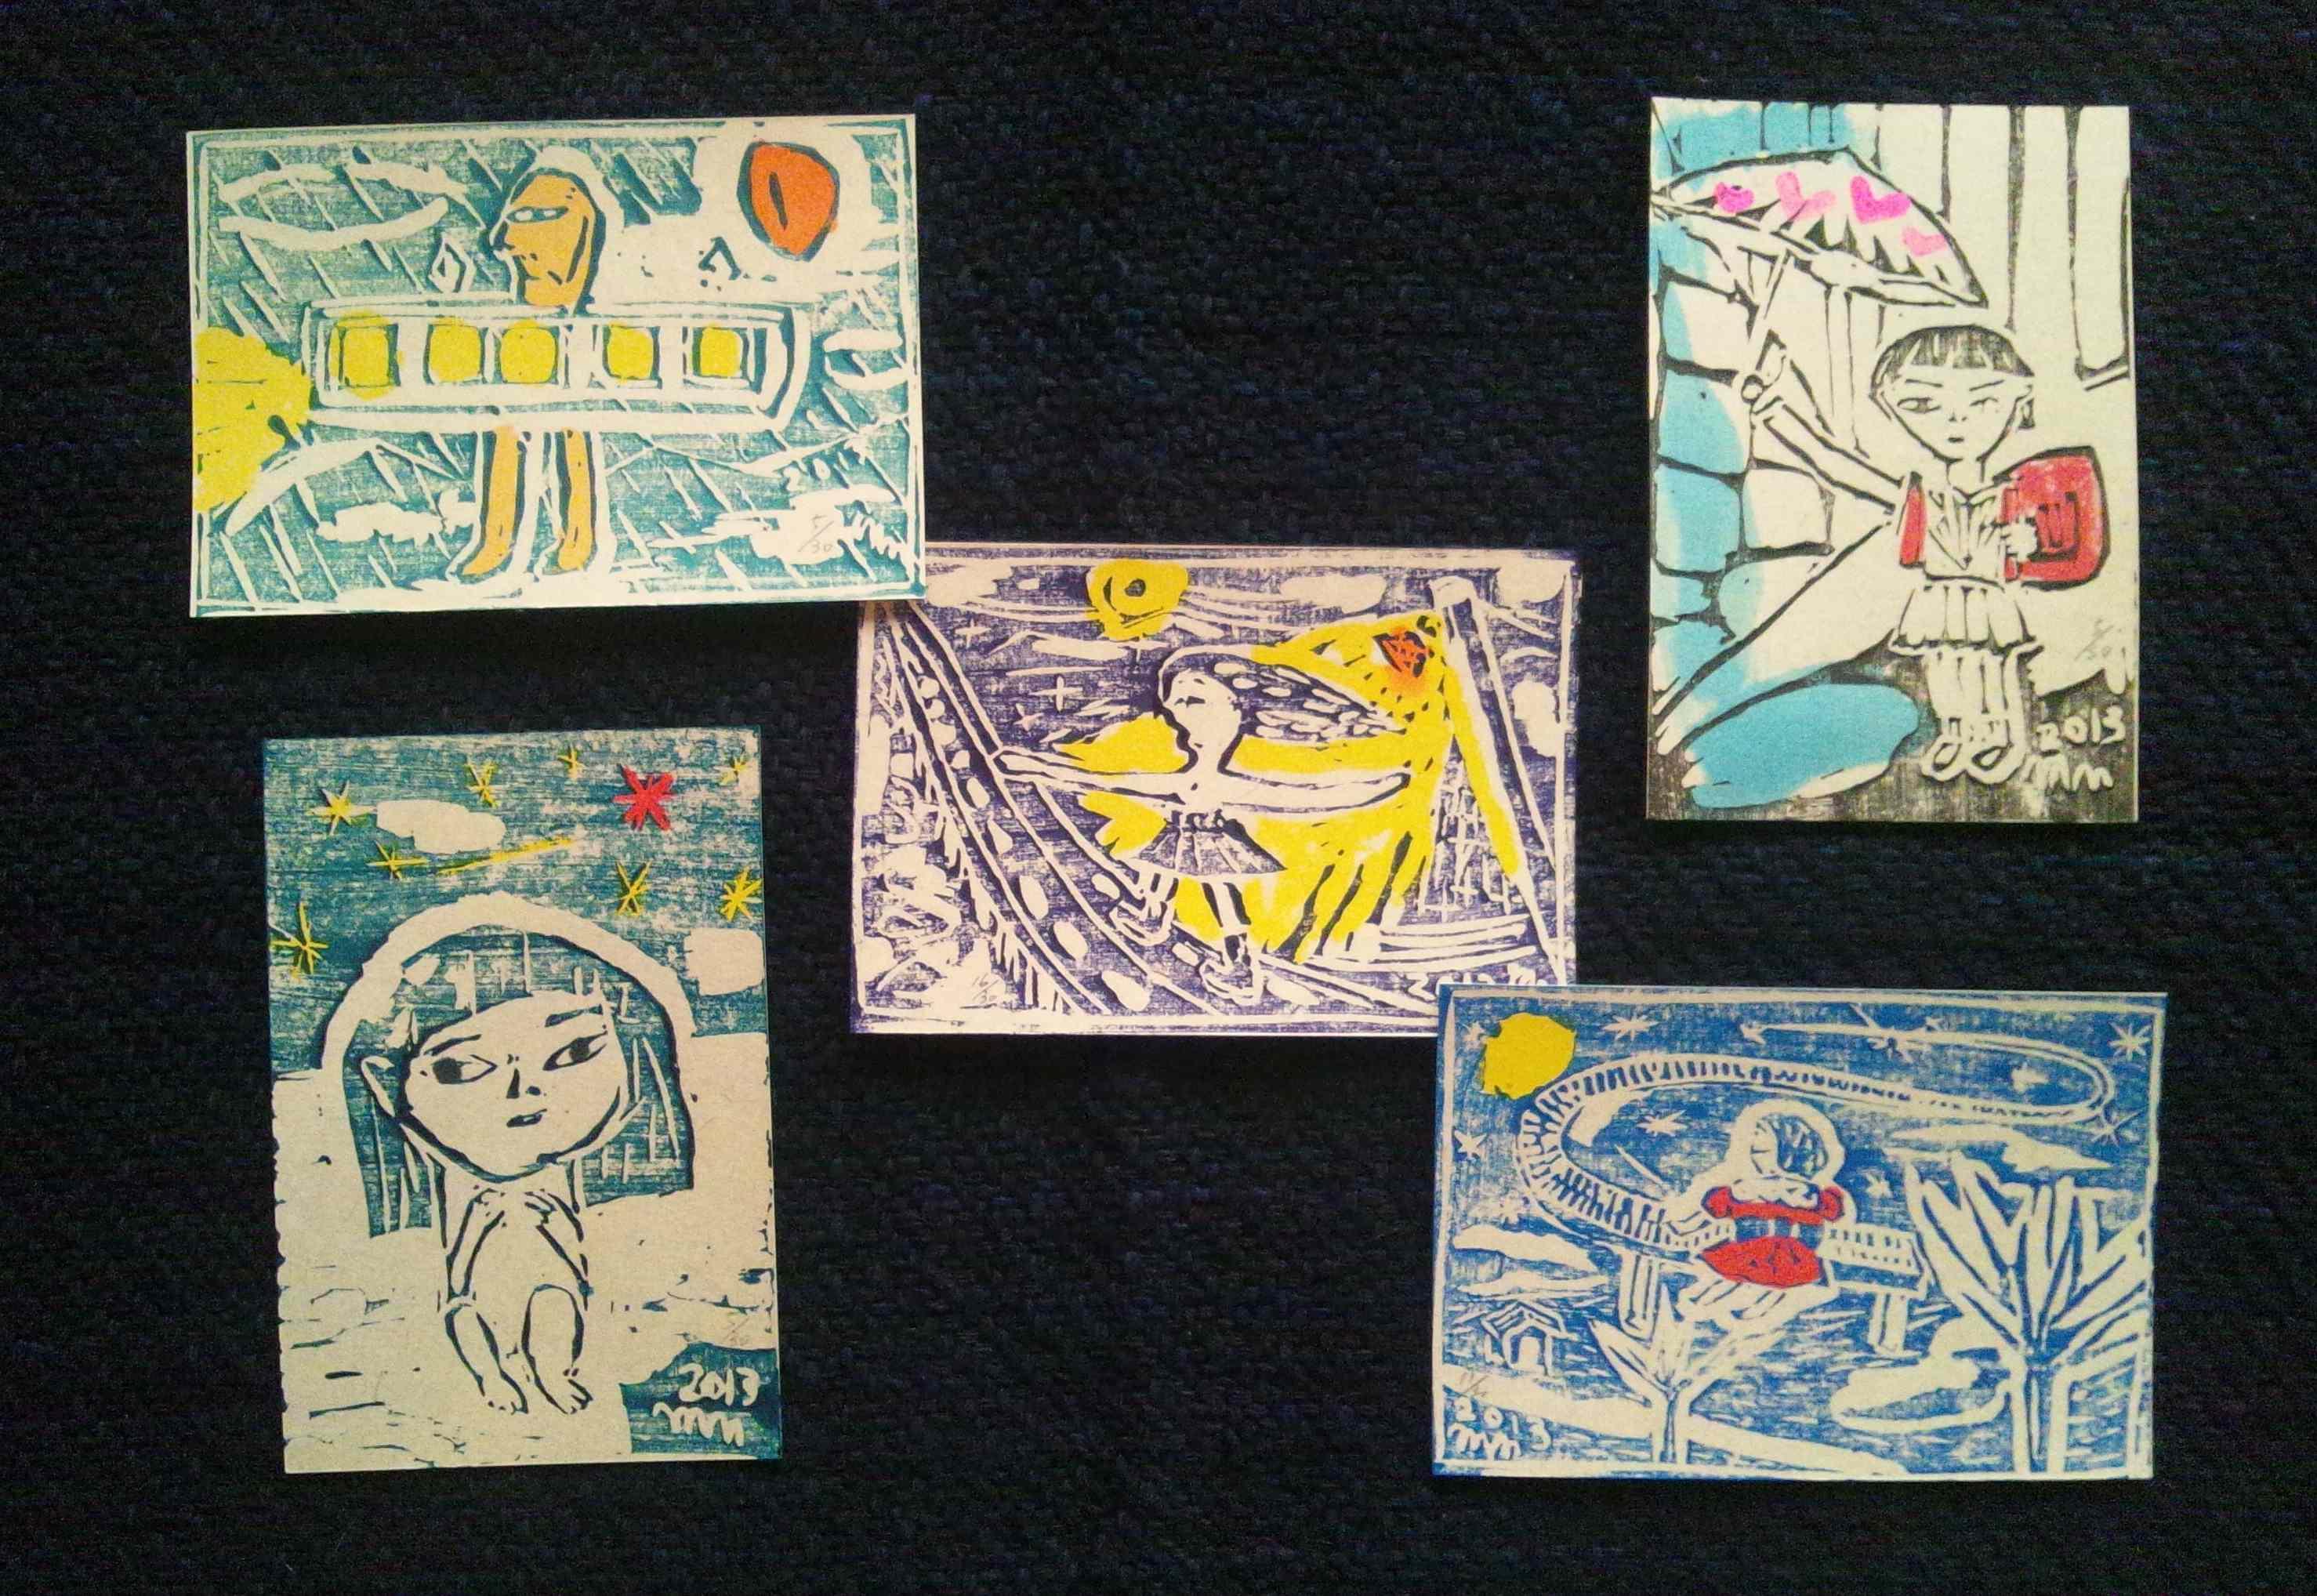 中野真典さんの木版ポストカード_a0265743_1962322.jpg